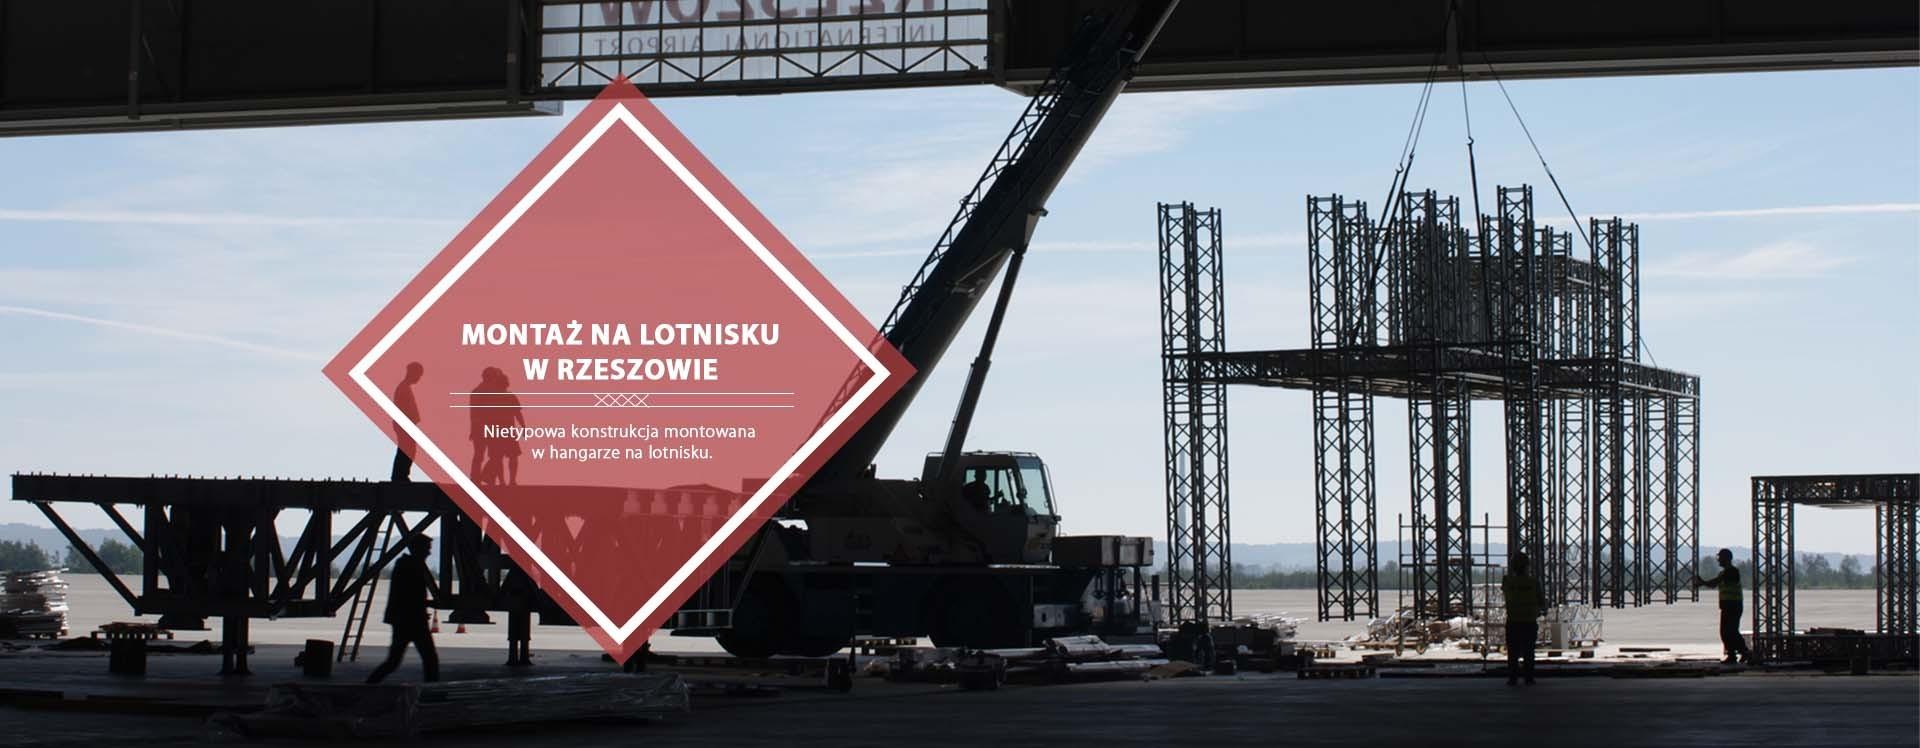 Montaż na lotnisku w Rzeszowie